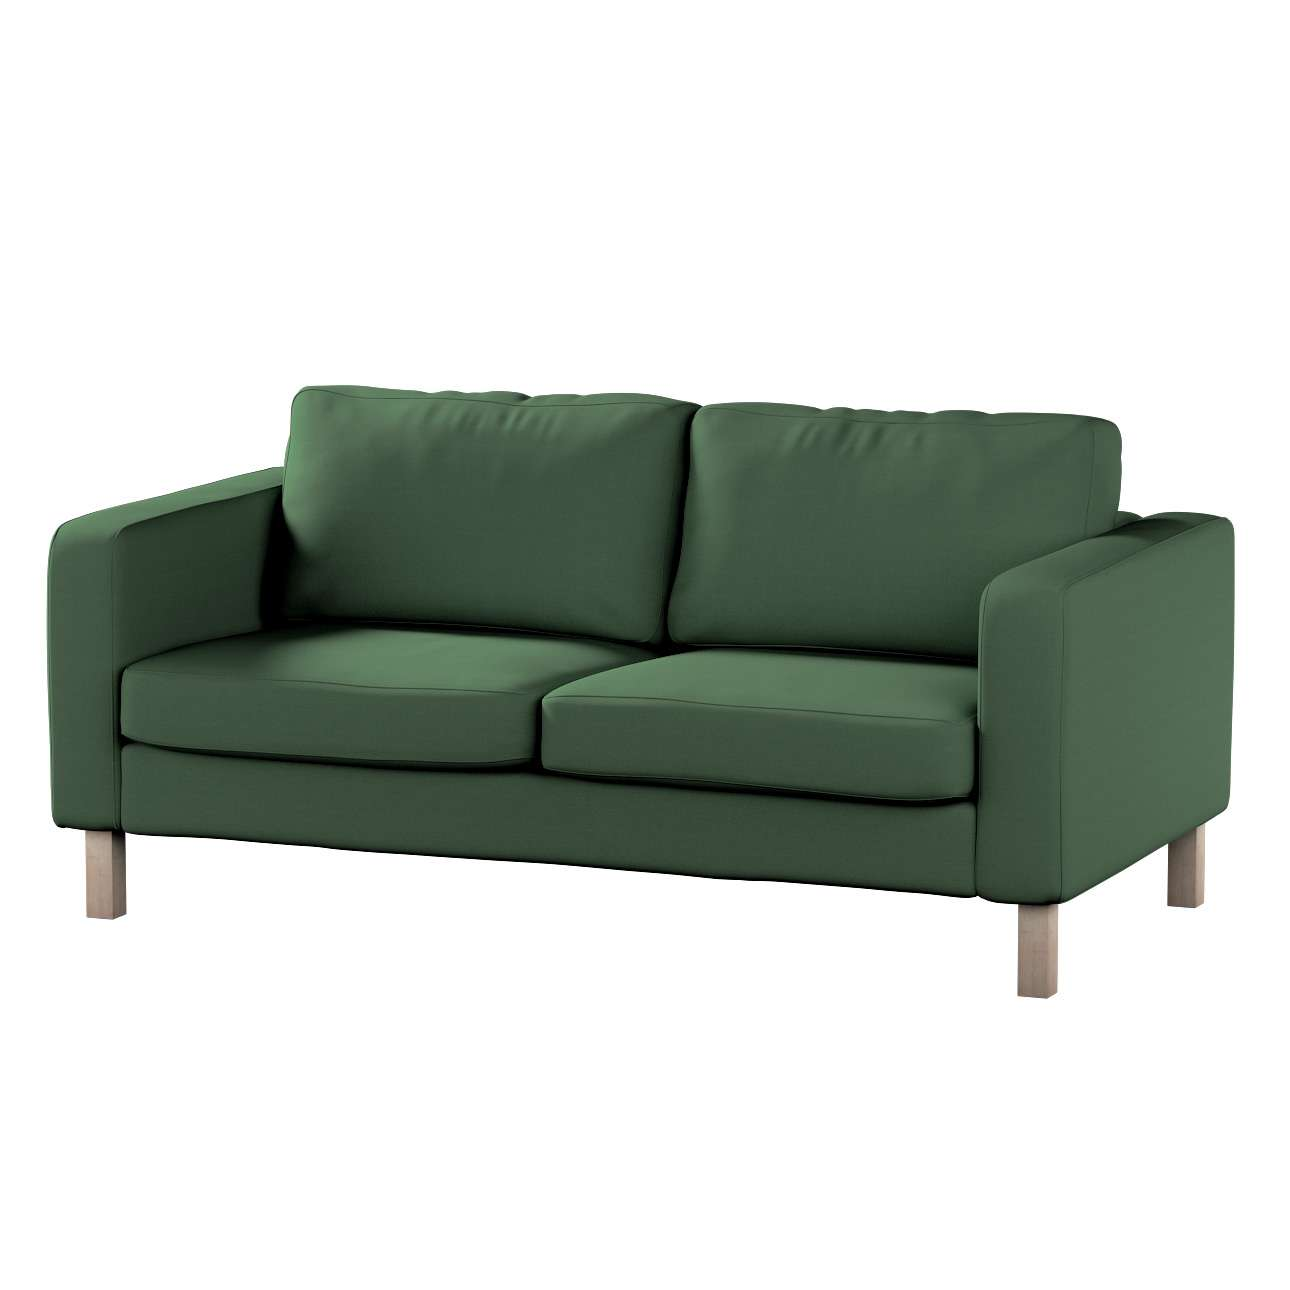 KARSLTAD dvivietės sofos užvalkalas Karlstad 2-vietės sofos užvalkalas kolekcijoje Cotton Panama, audinys: 702-06